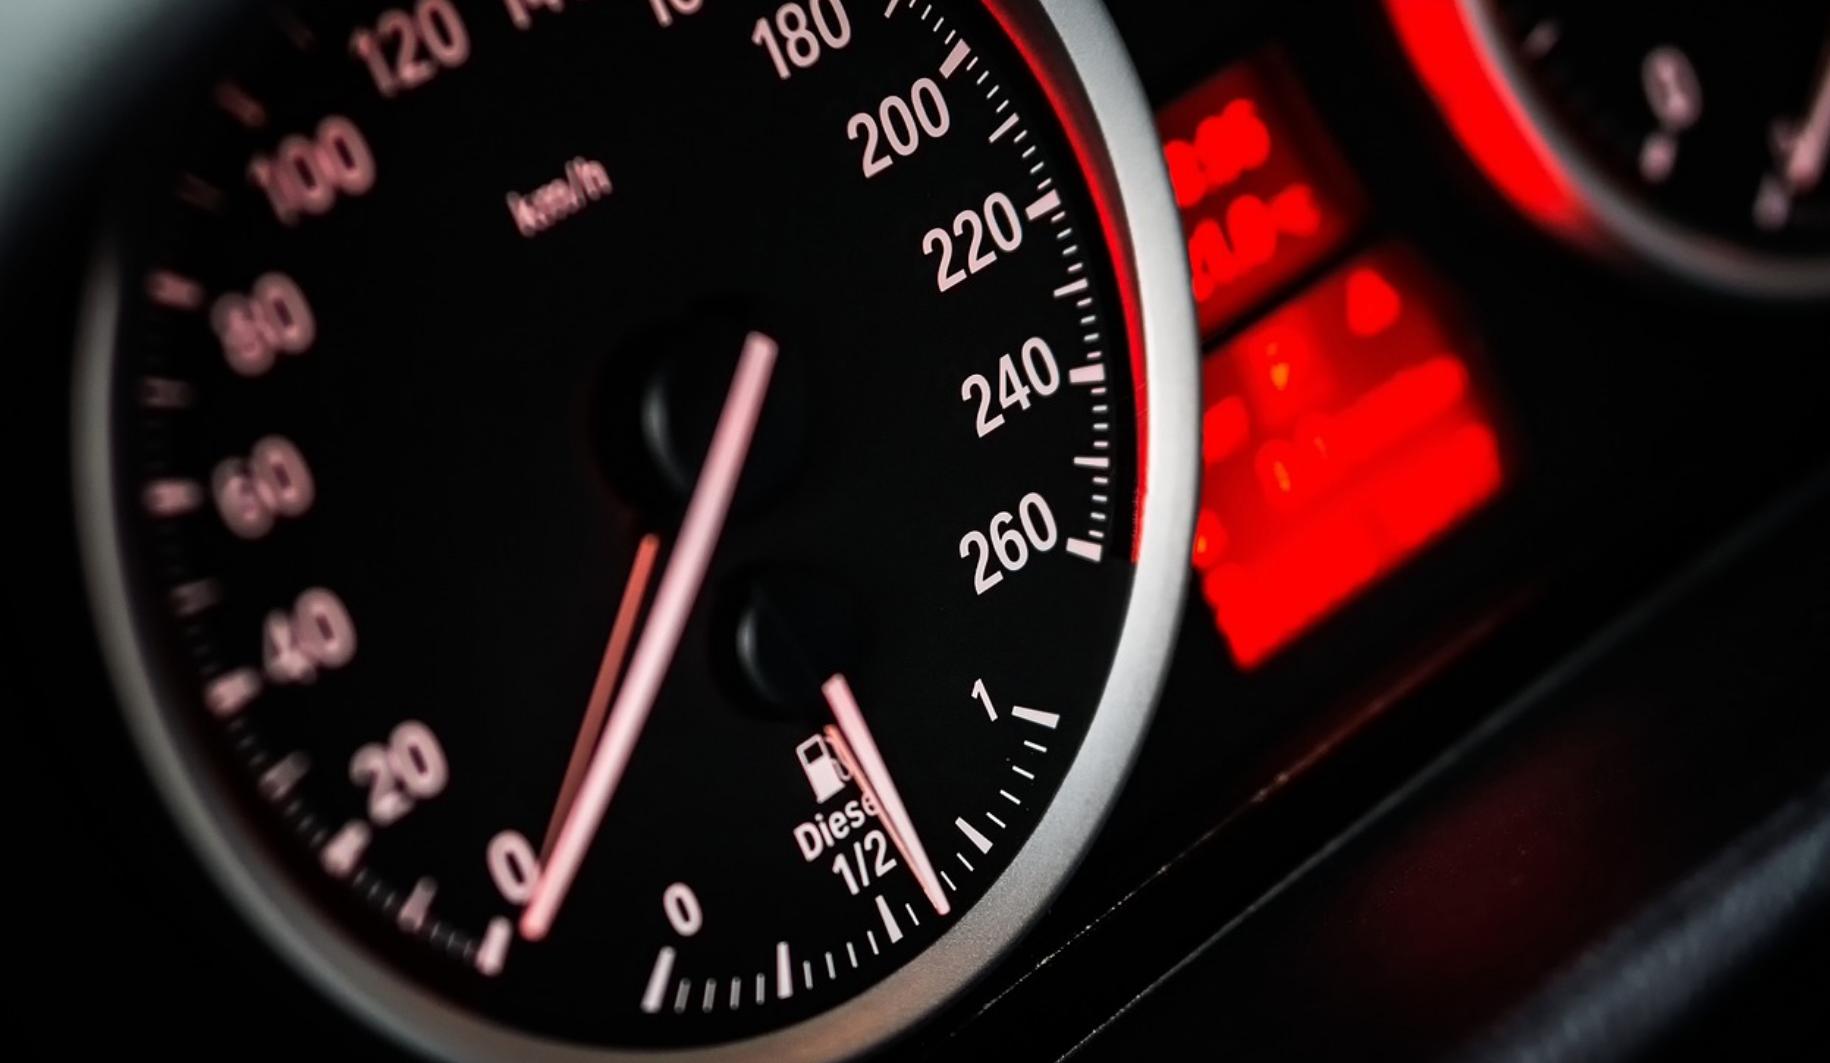 Un conducteur arrêté à plus de 160 km/h